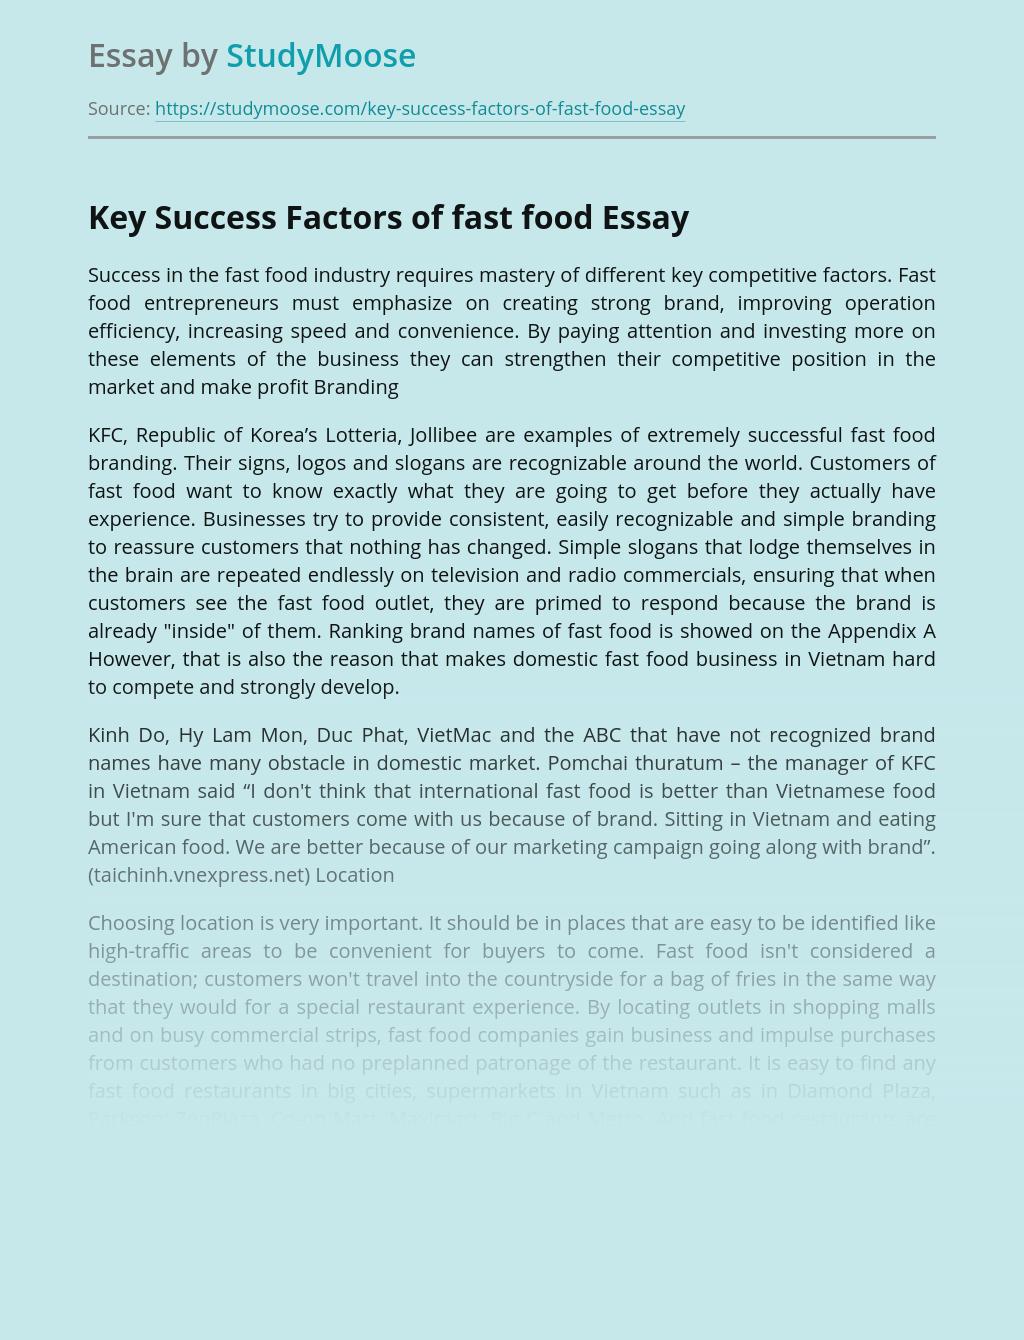 Key Success Factors of fast food